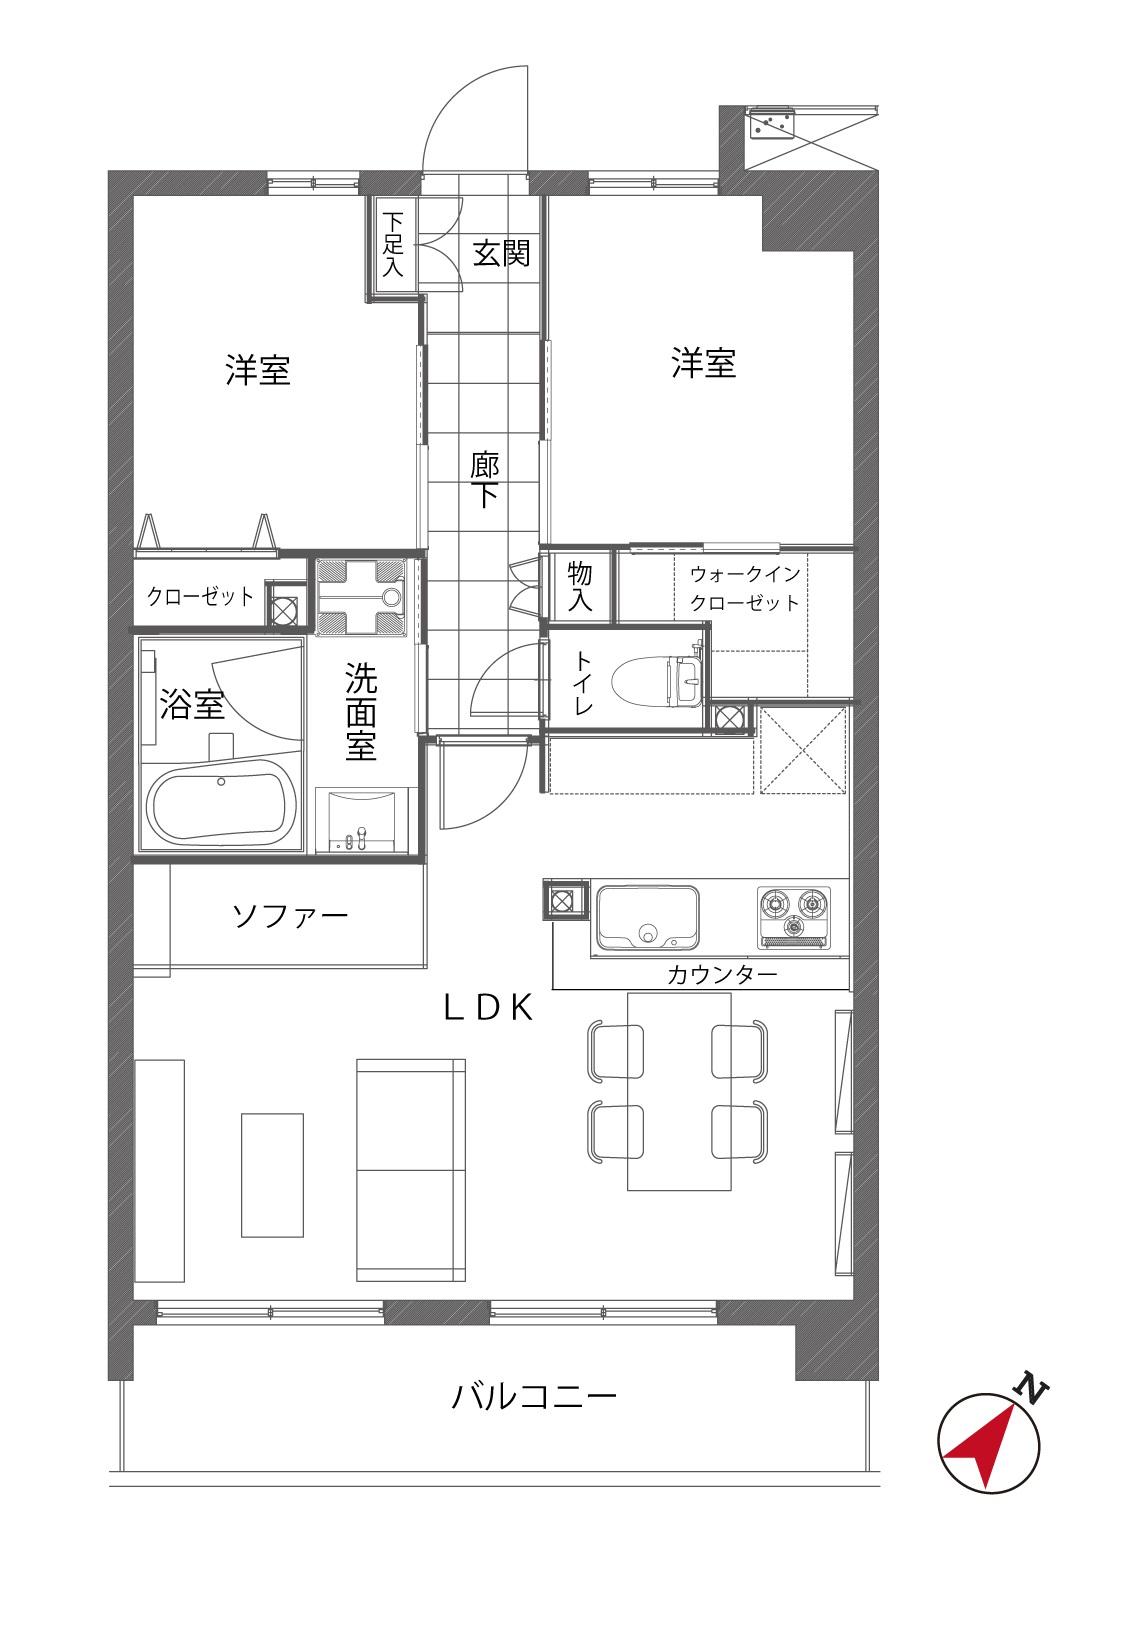 参宮橋 広々LDKでメリハリある暮らし 間取り図